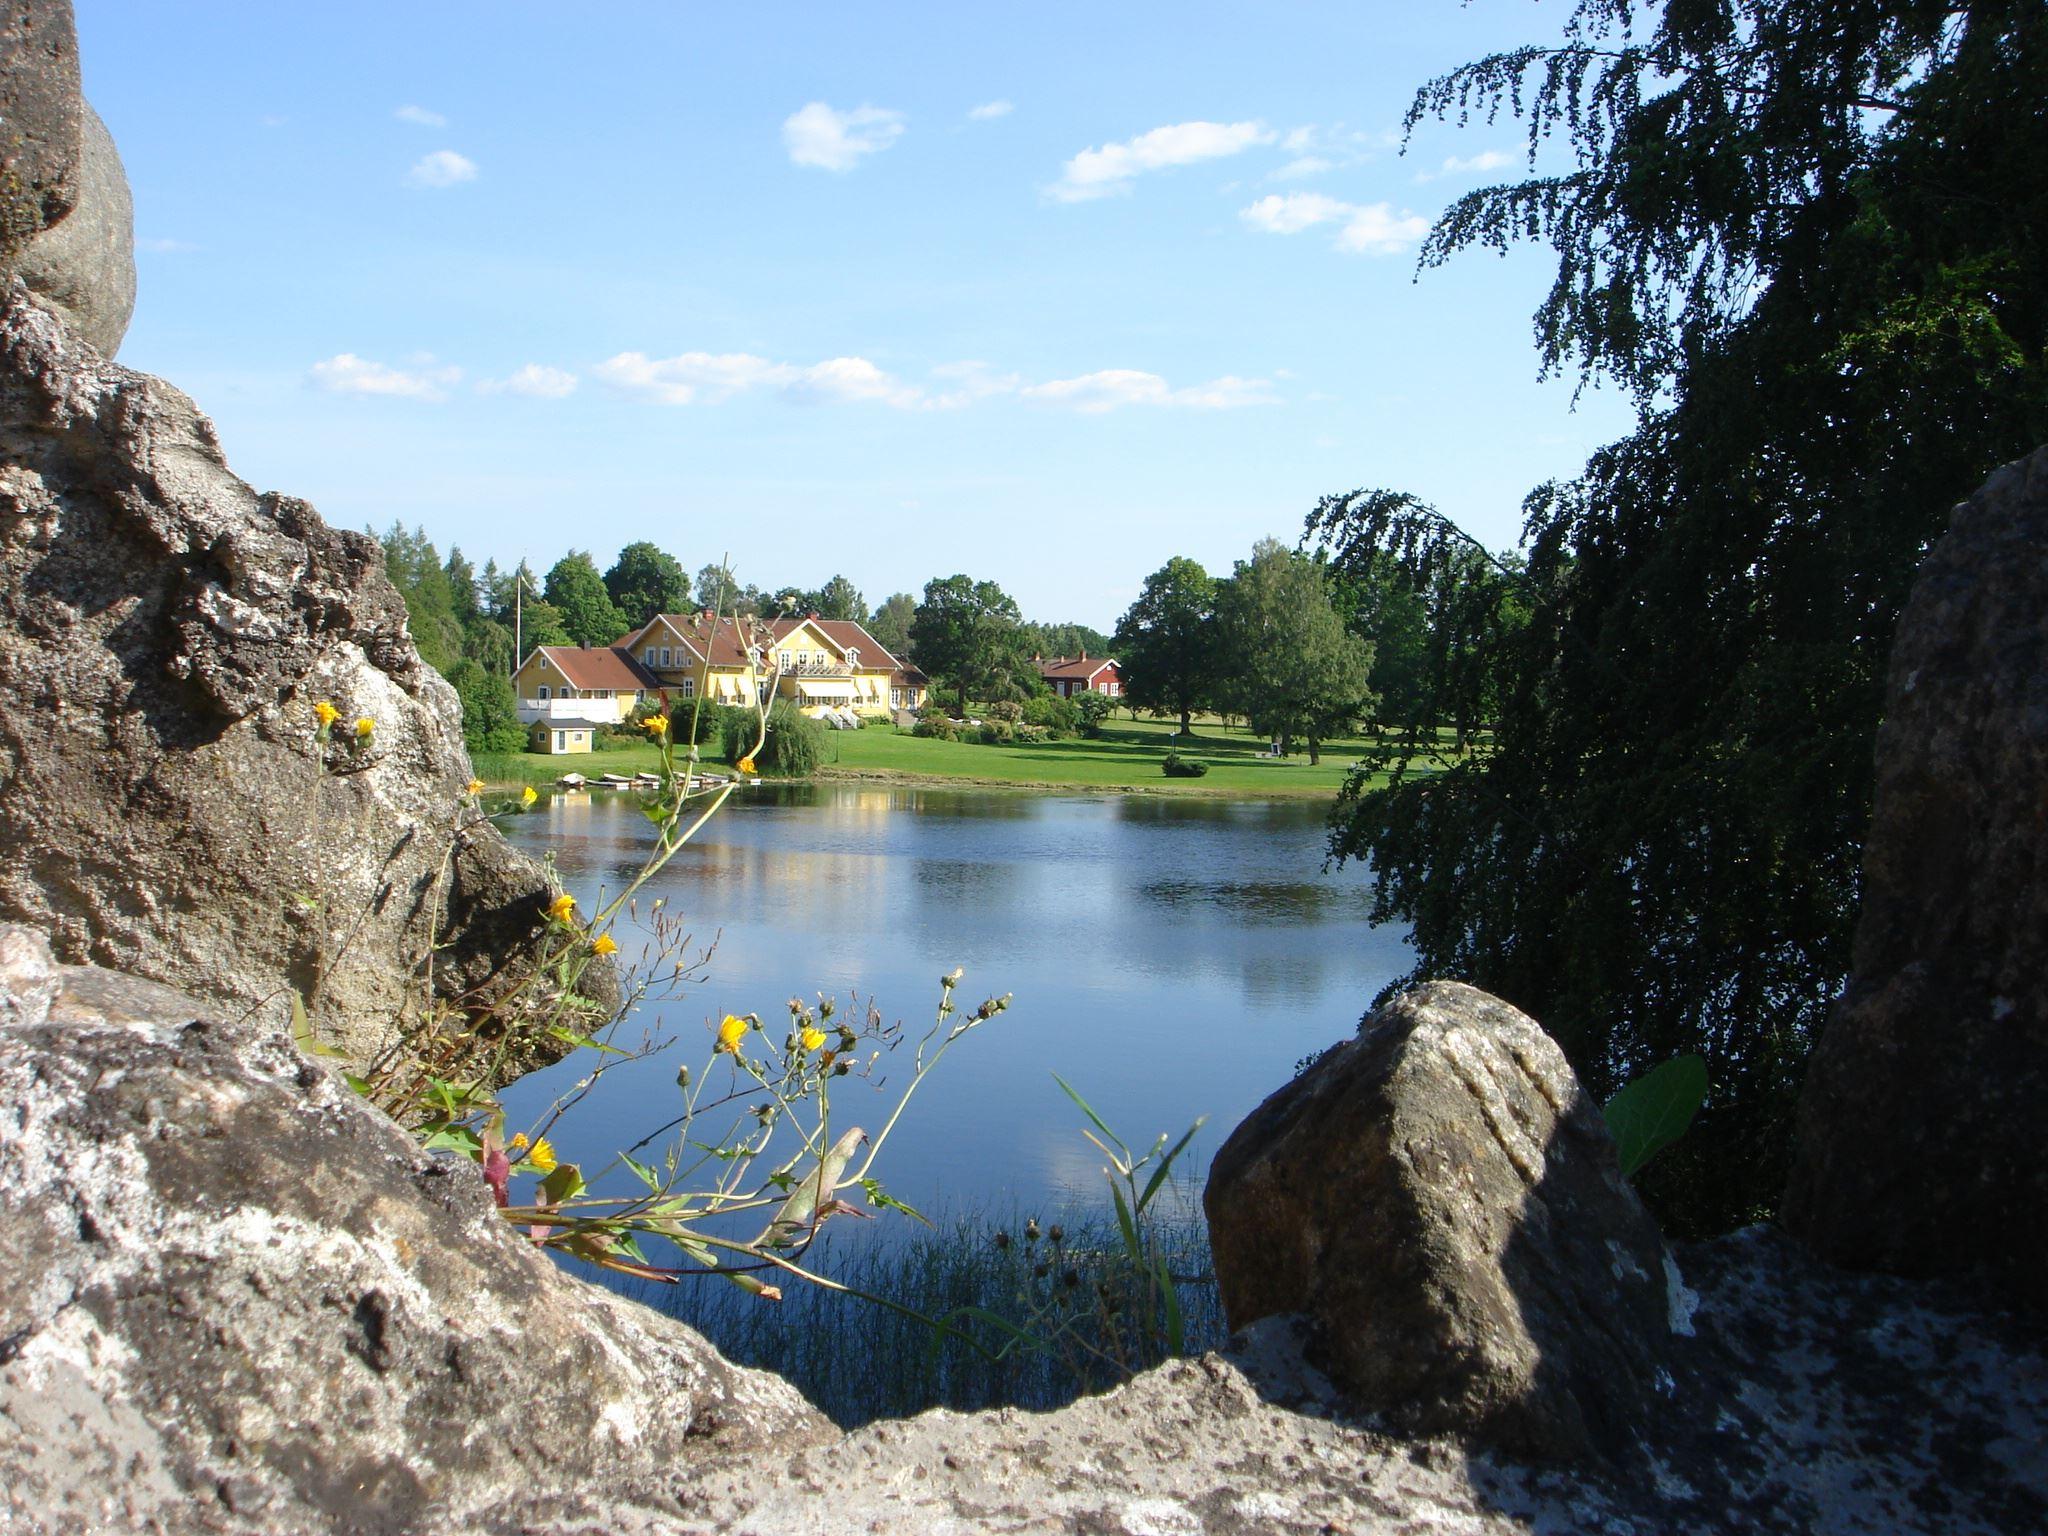 Toftaholm naturreservat